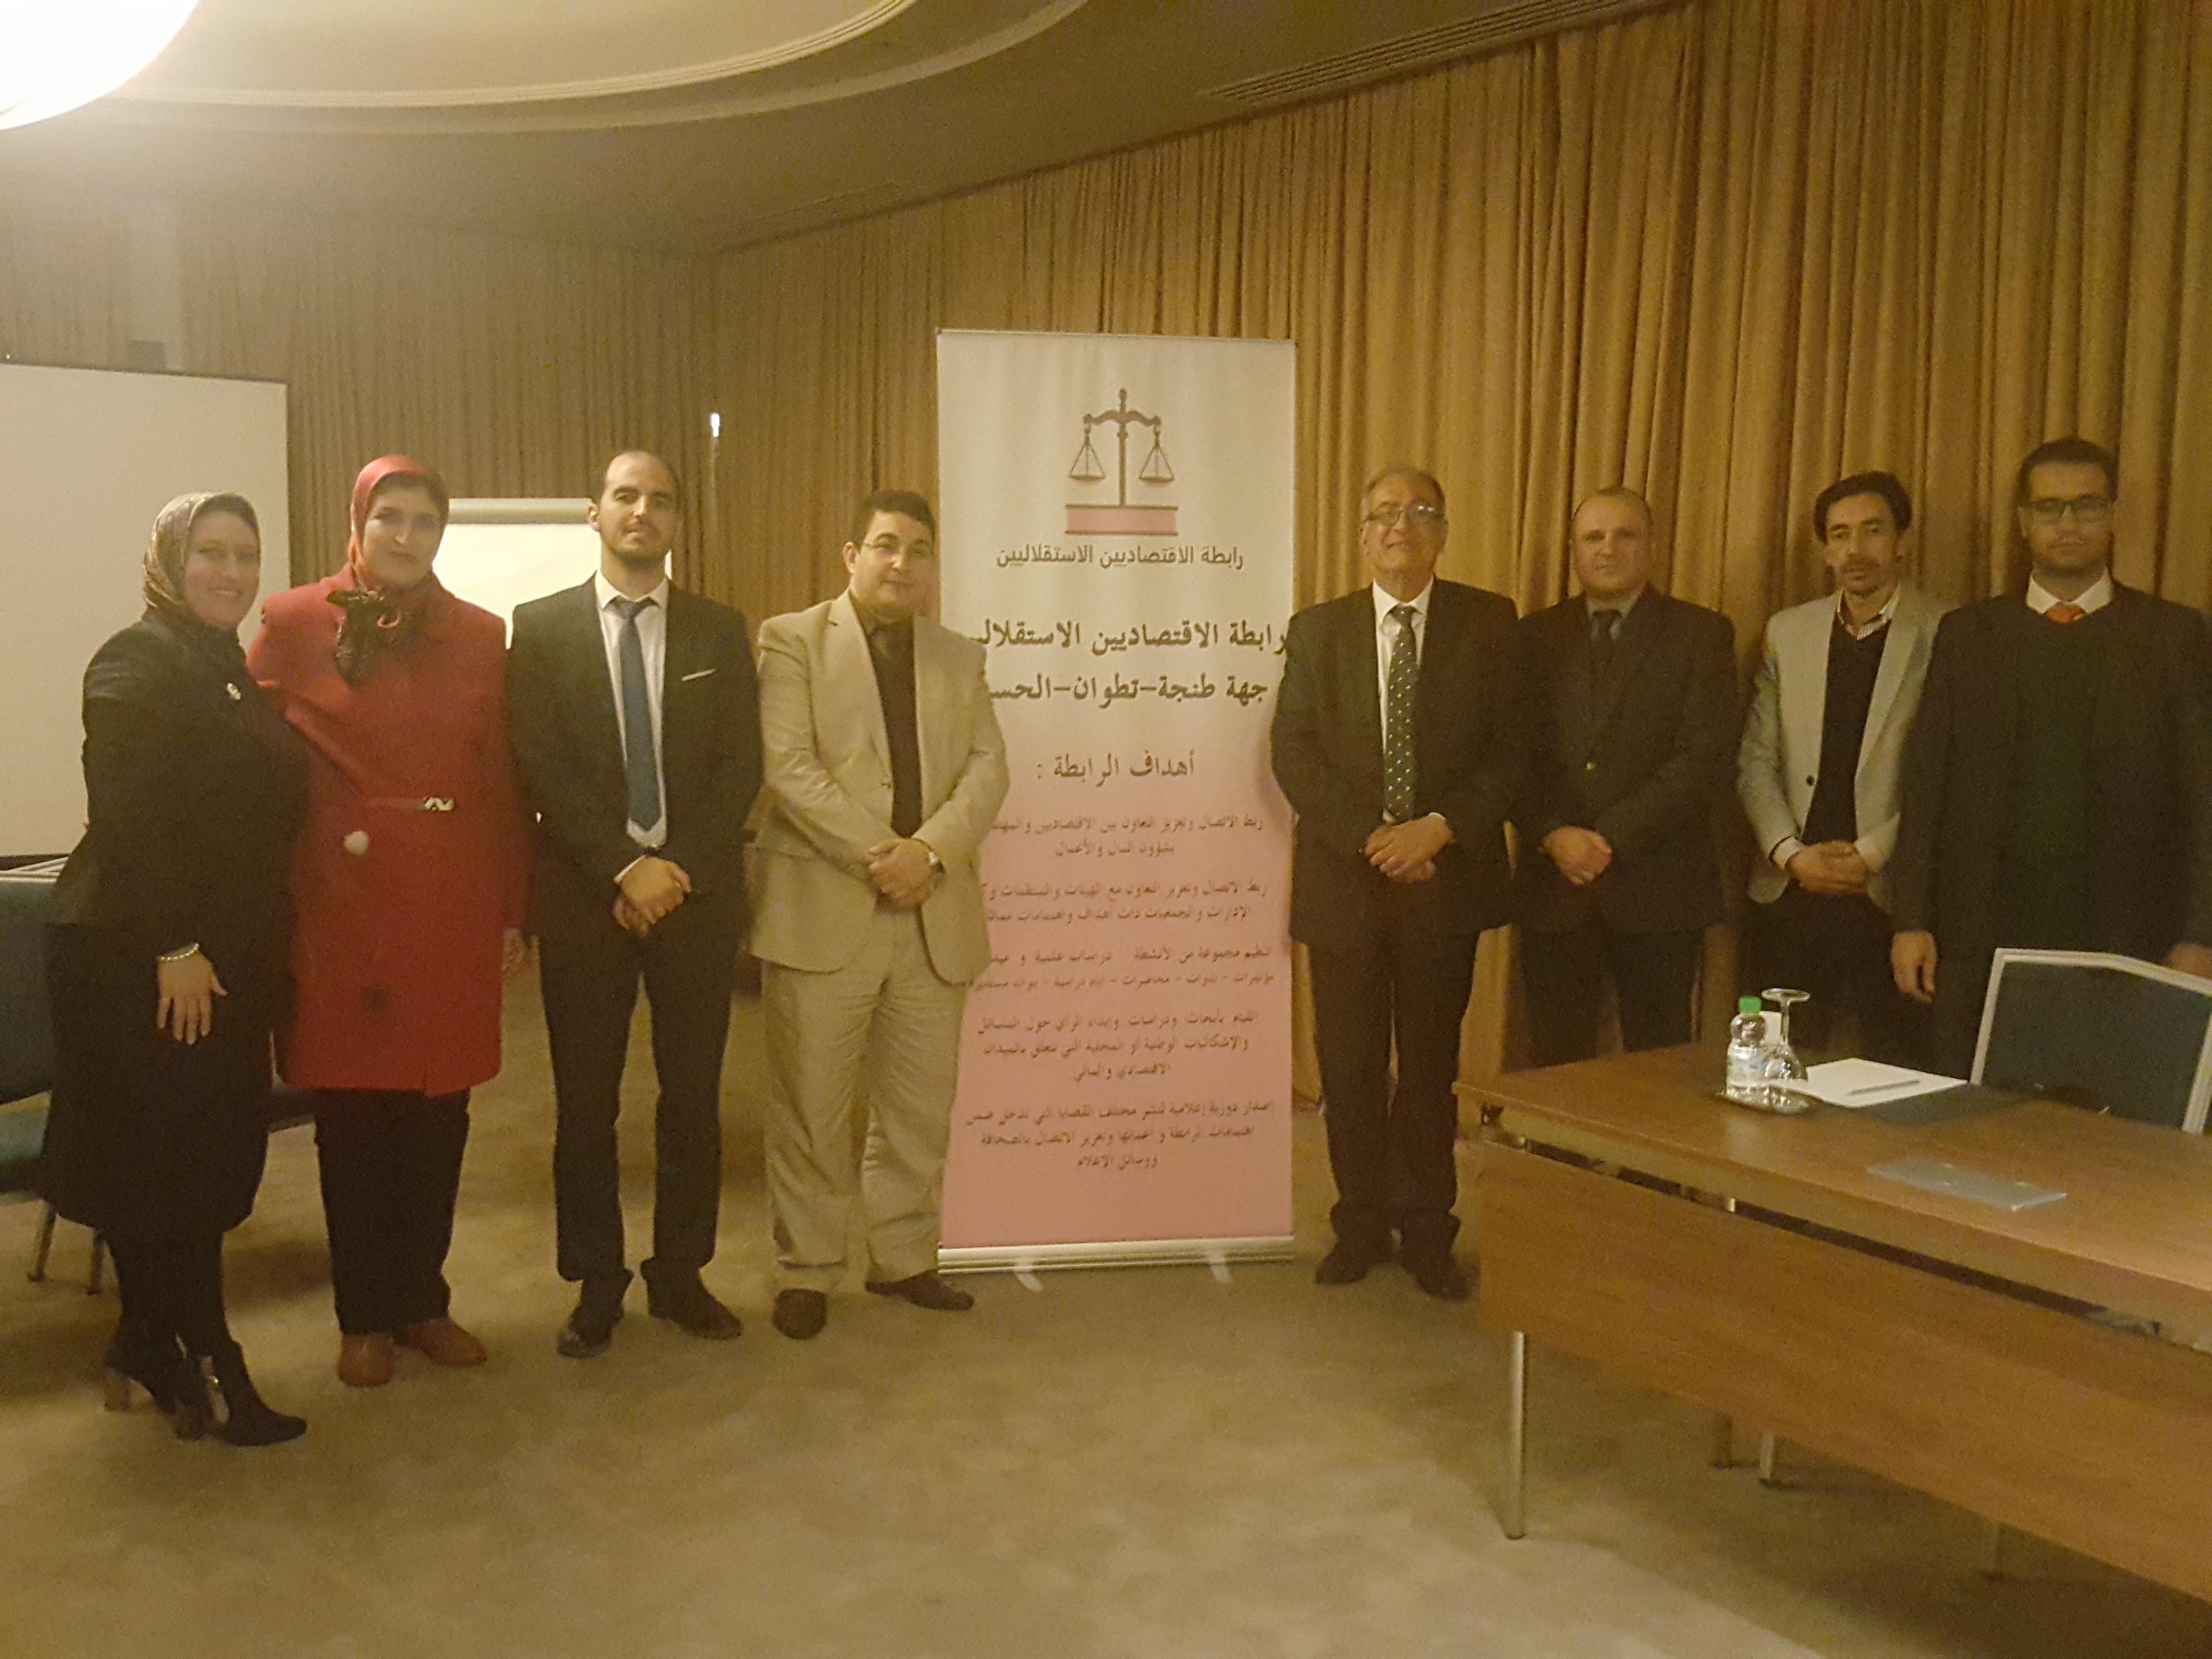 اجتماع لأعضاء رابطة الاقتصاديين الاستقلاليين التابعين لجهة طنجة تطوان الحسيمة